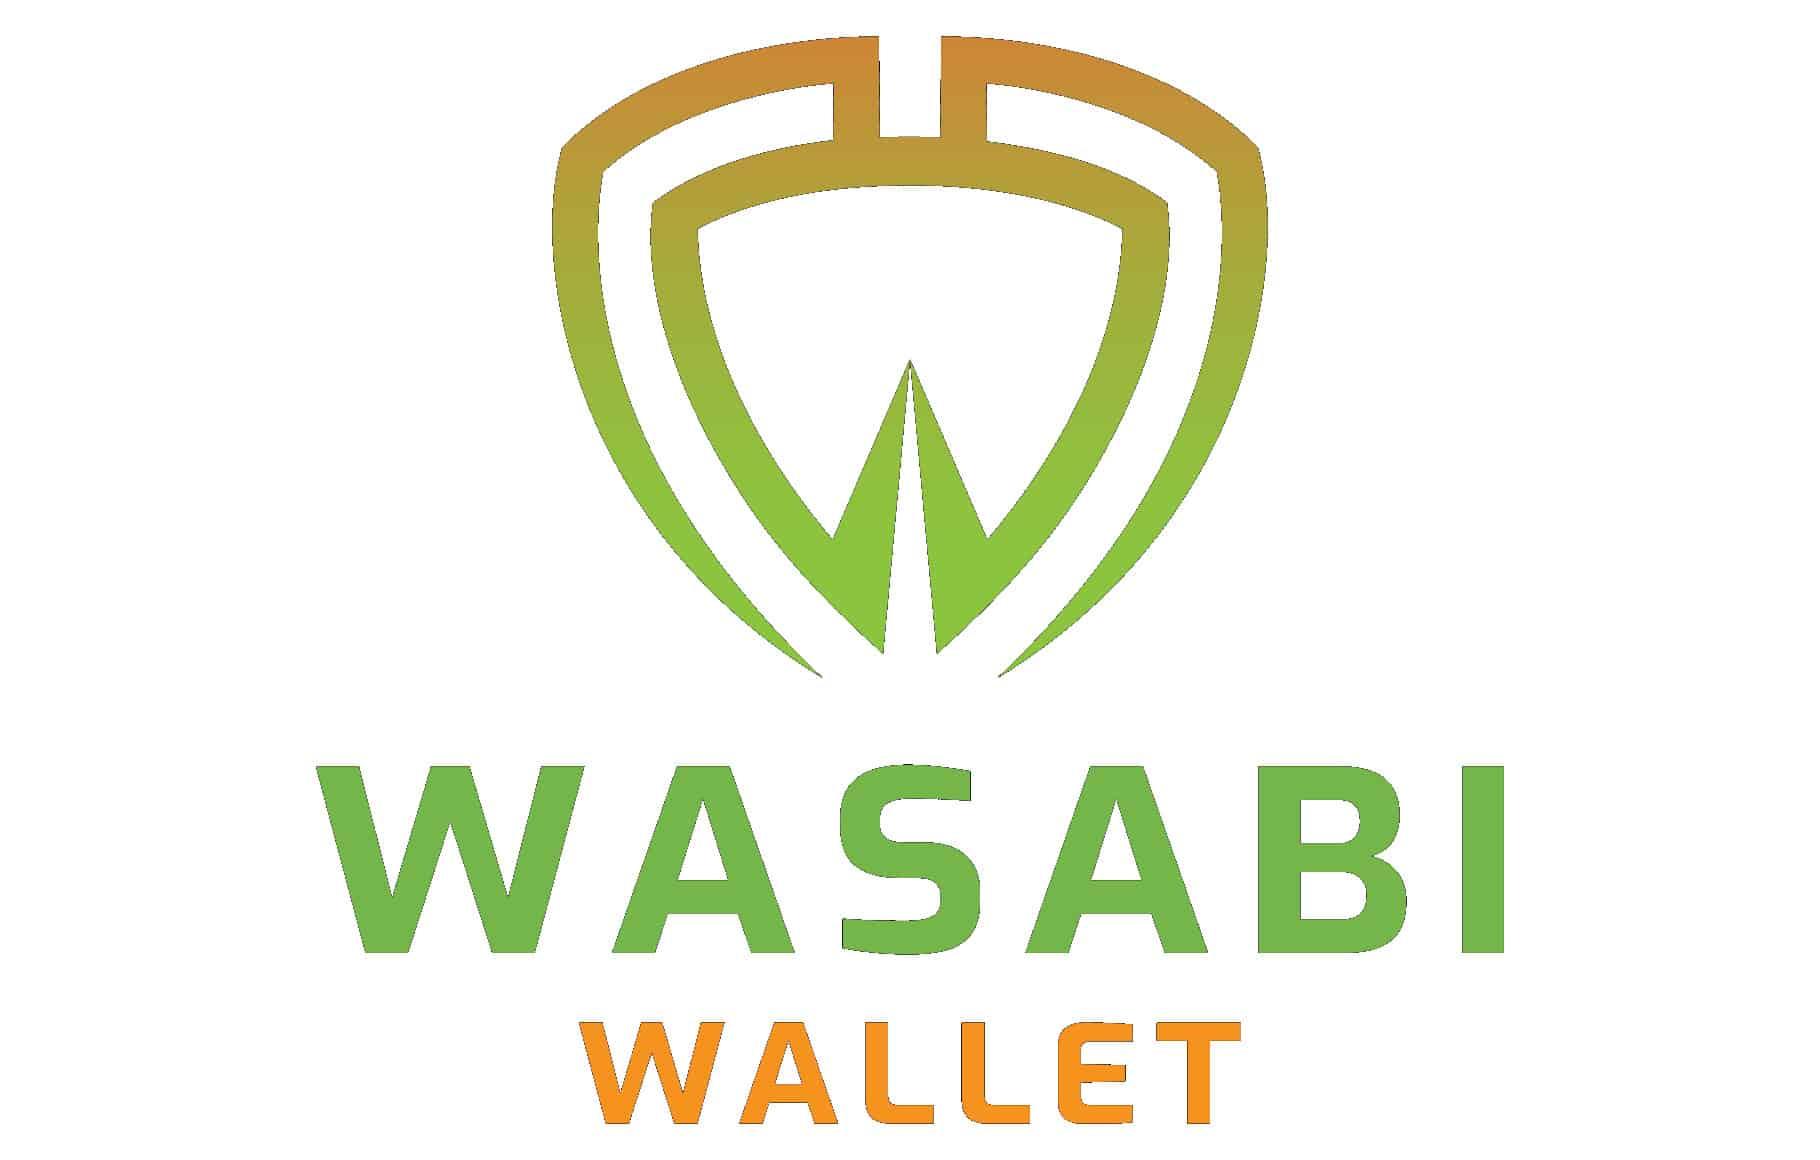 Wasabi Wallet tendrá una nueva versión con más características sobre privacidad